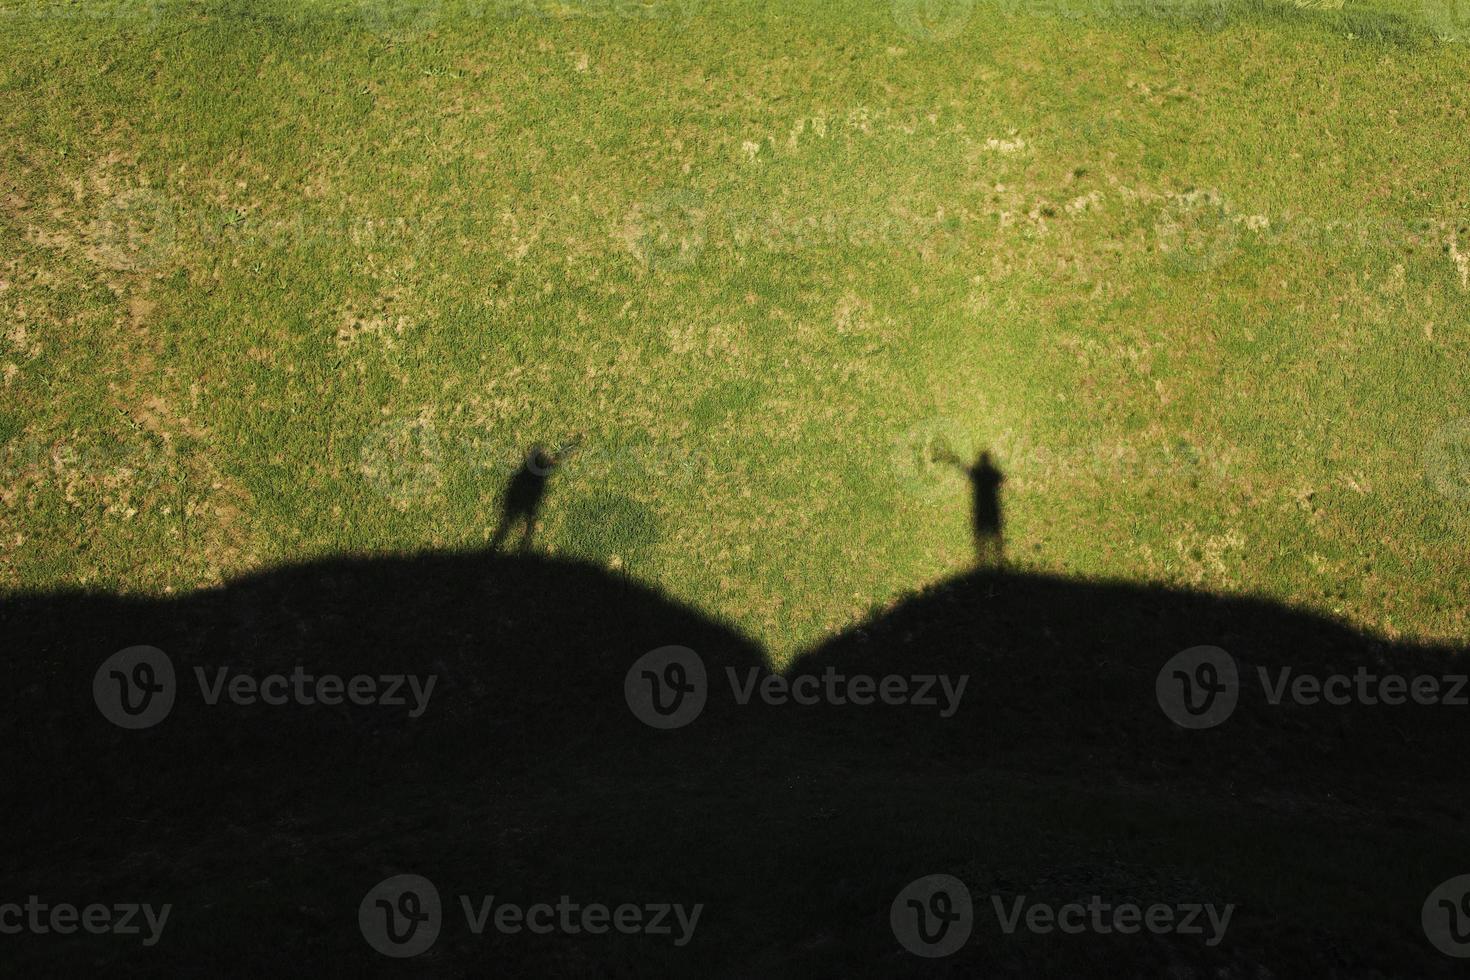 ombra degli innamorati sulle verdi colline in giornata di sole estivo. bel paesaggio estivo foto